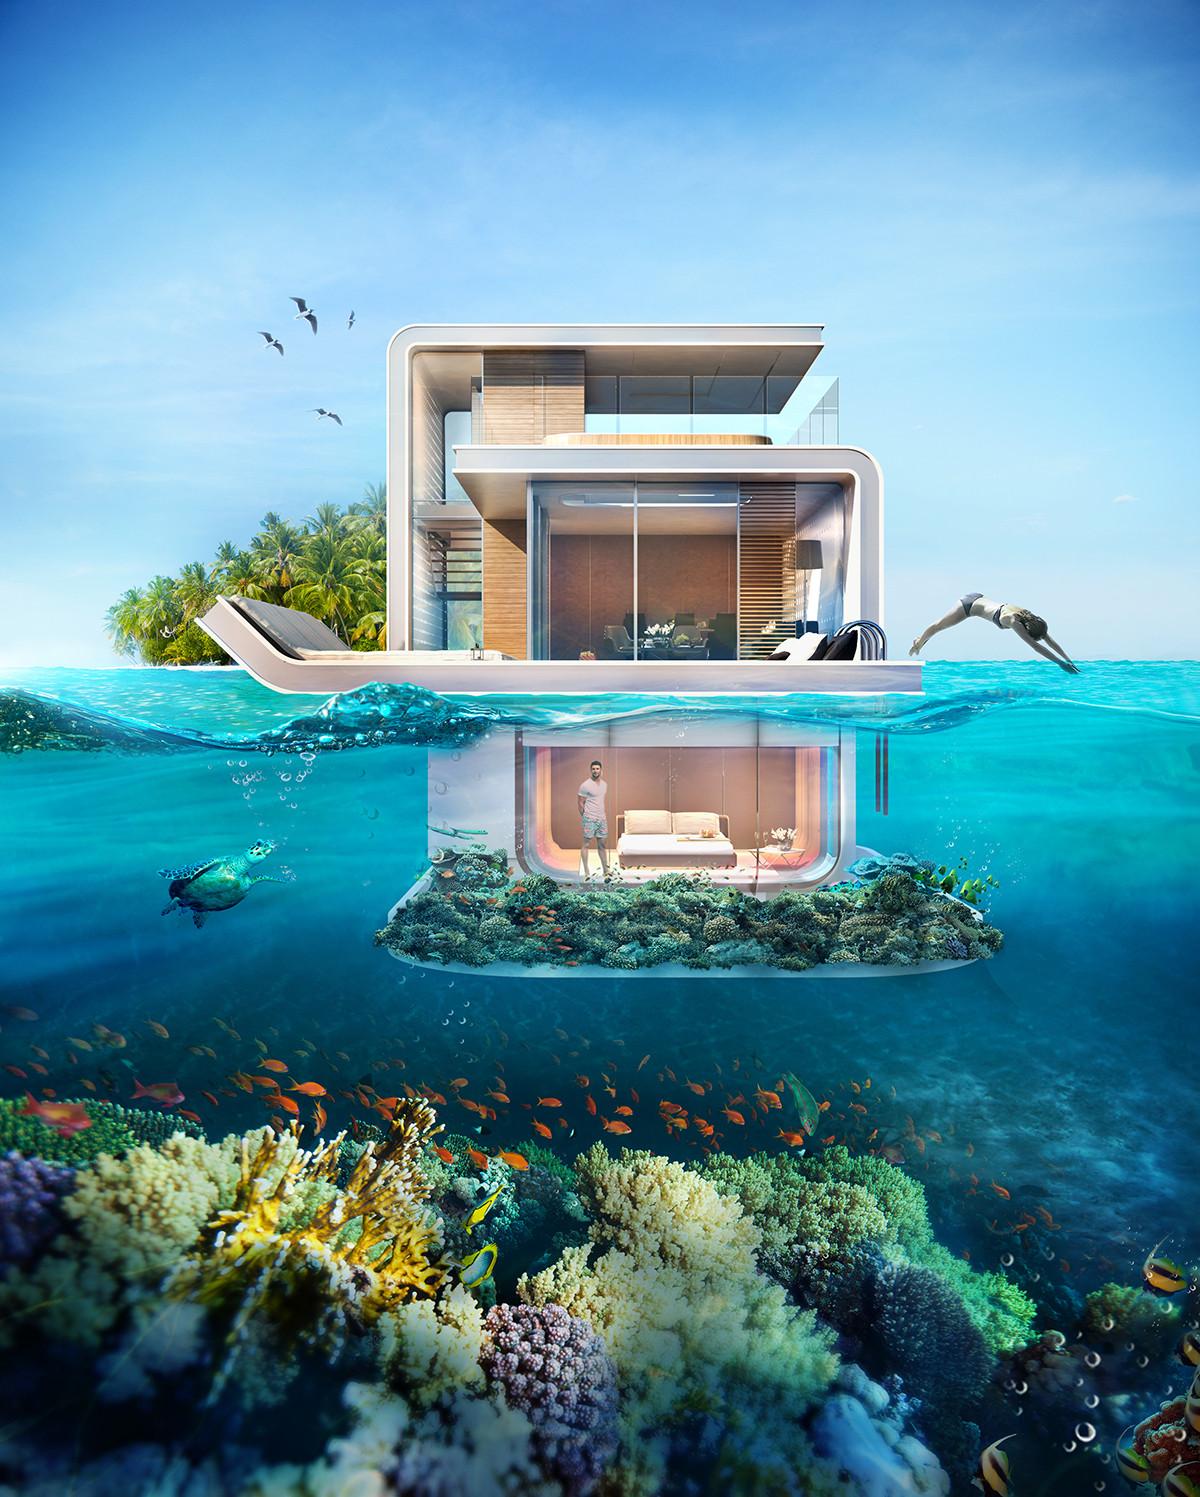 The-Floating-Seahorse-Dubai-3